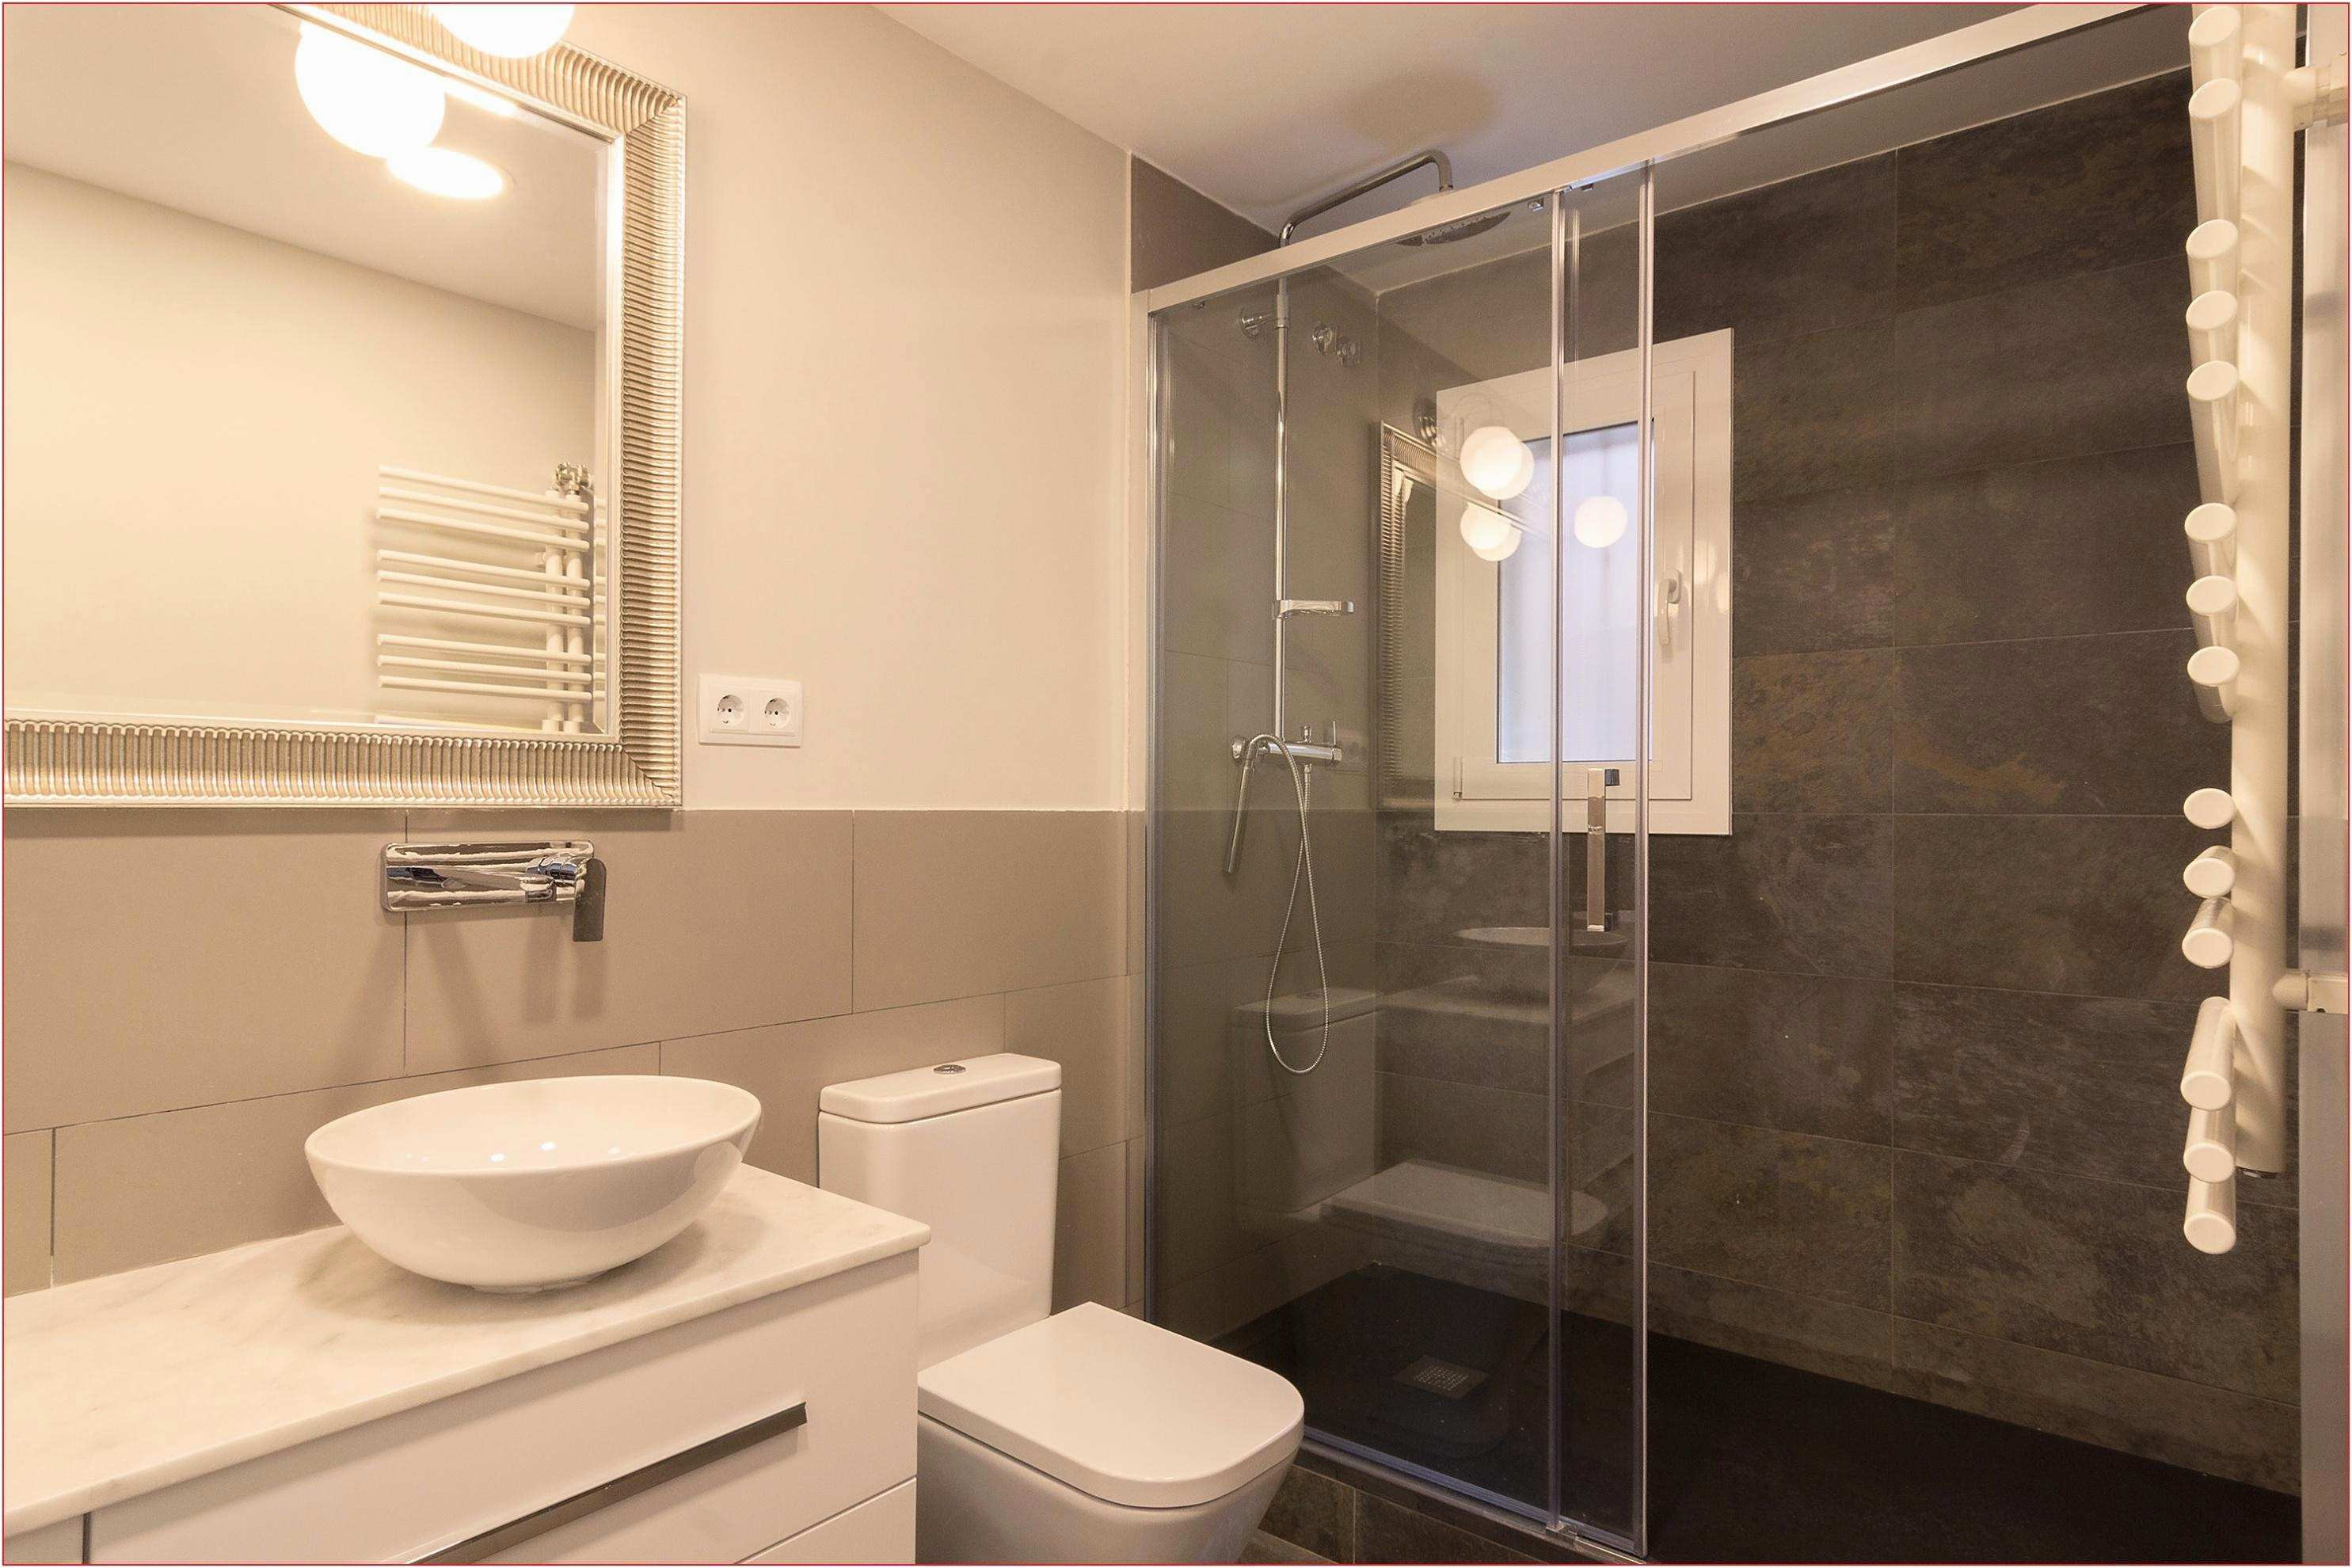 baa os de casas modernas ideas dormitorios pequea os inicio baa os pequea os